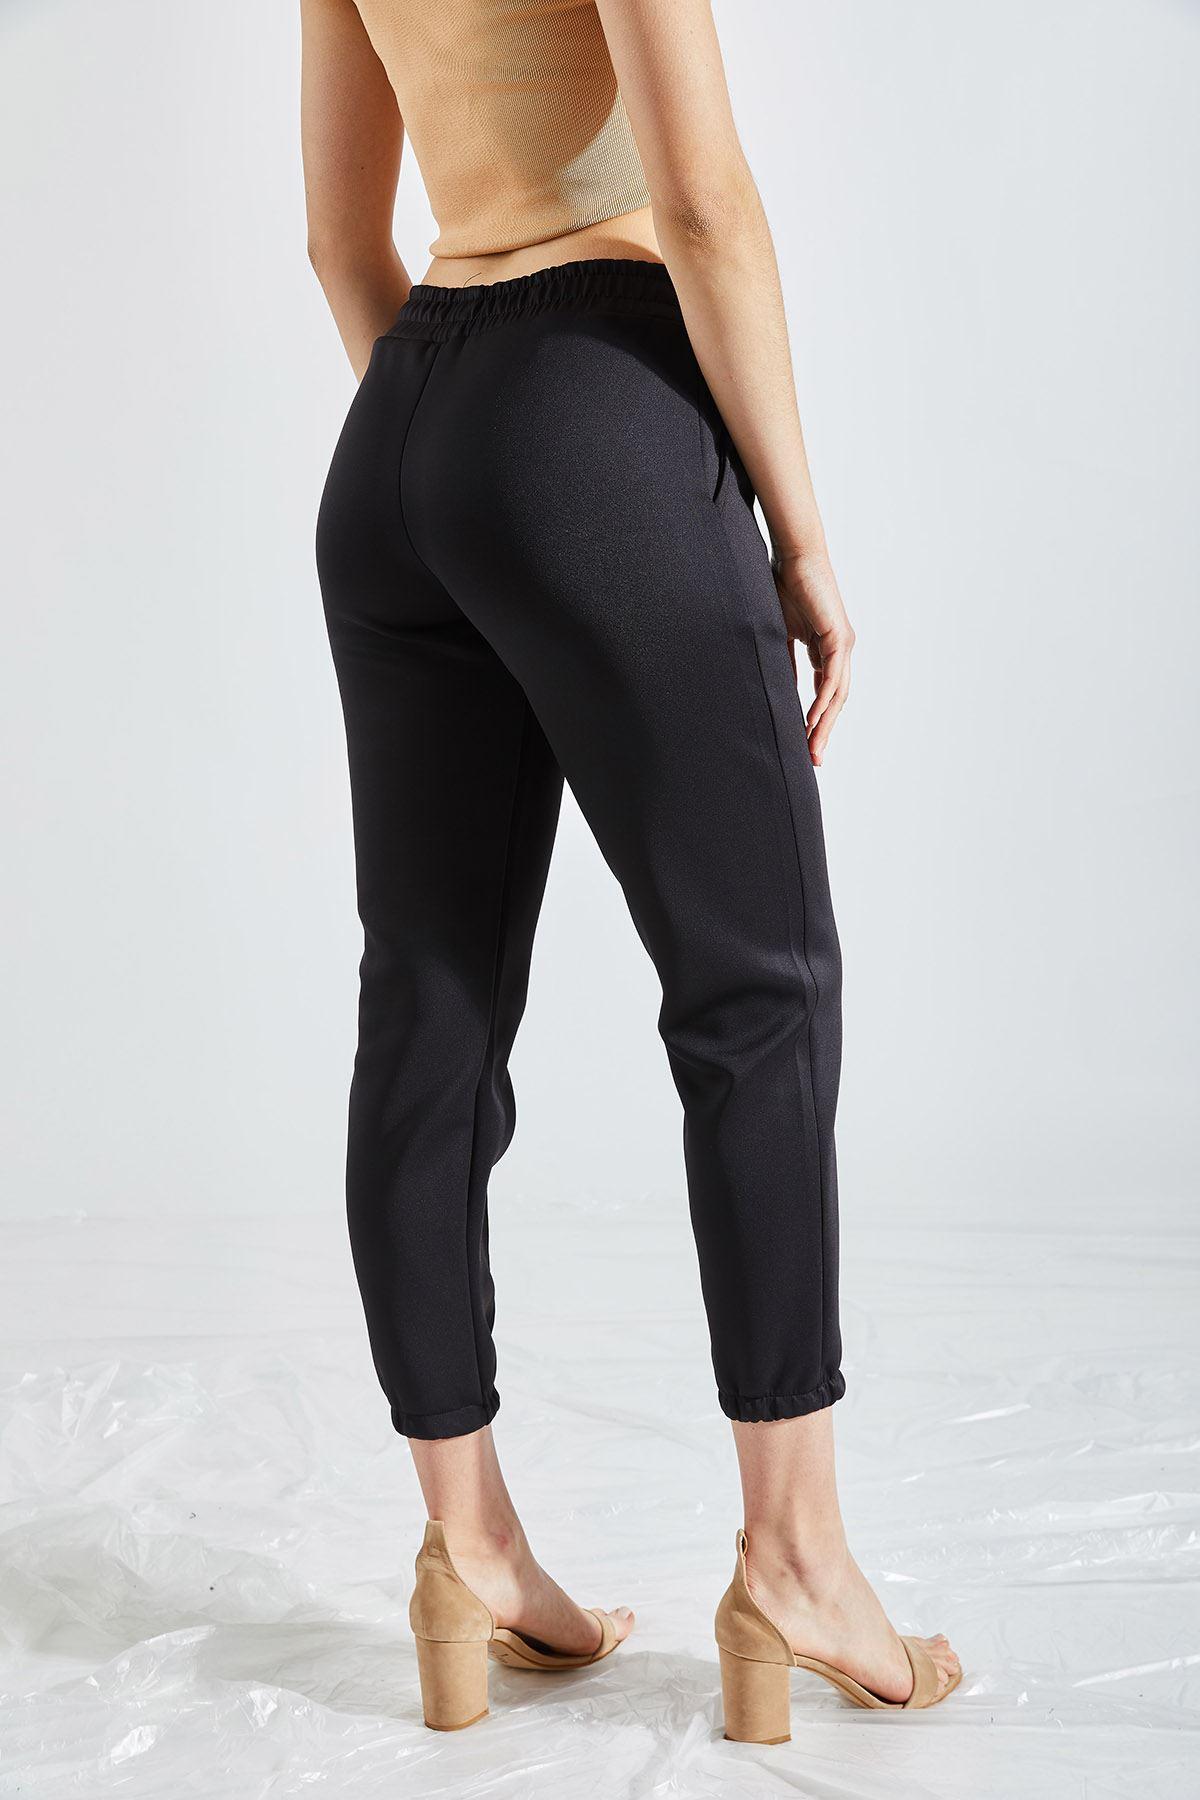 Kadın Çımalı Paça Lastikli Scuba Siyah Pantolon